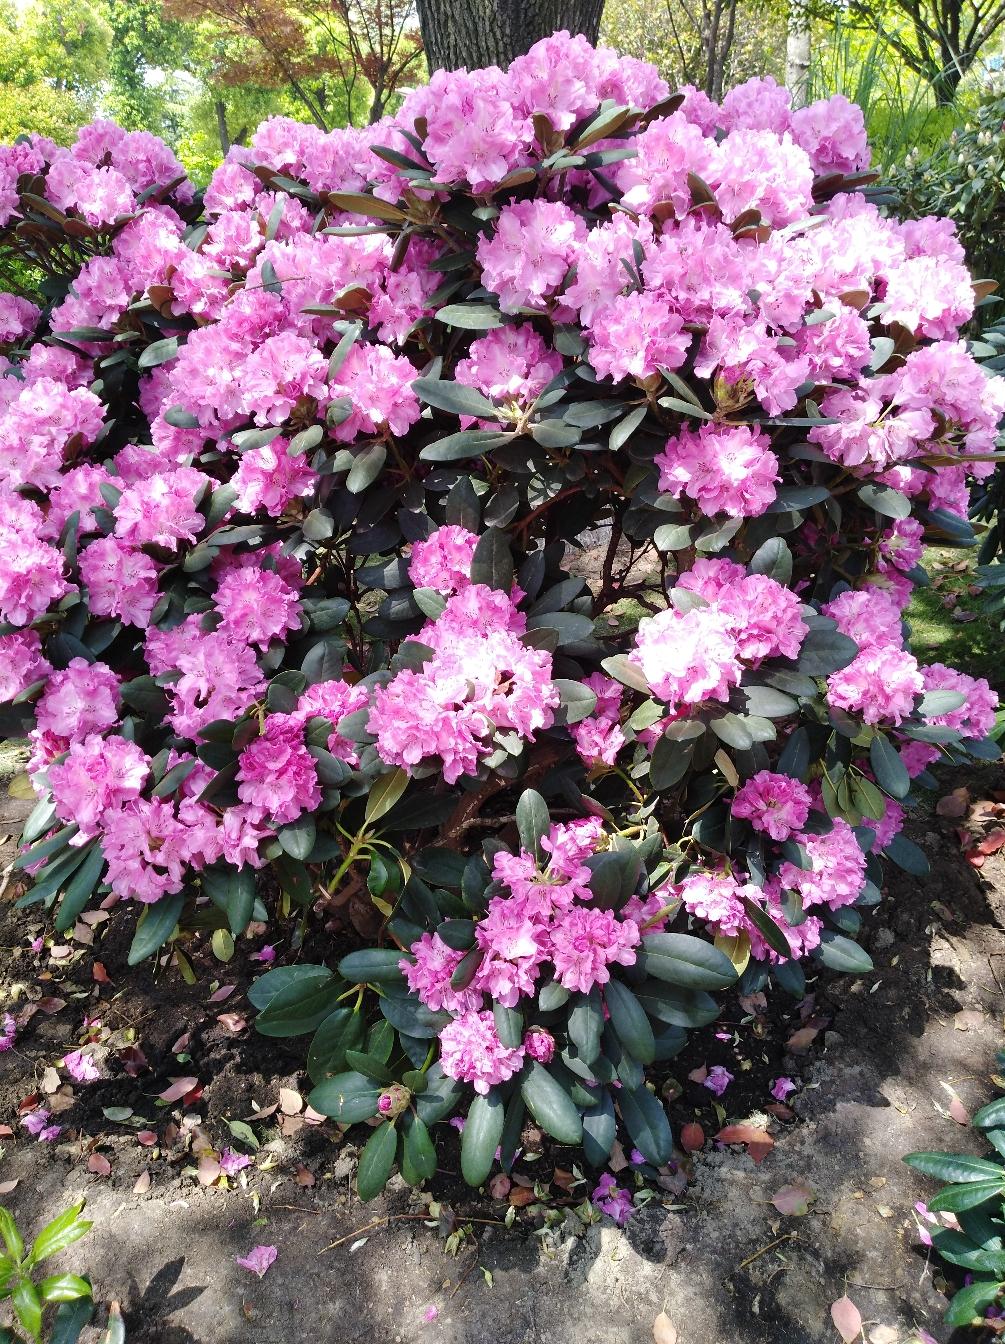 常州凤凰公园观杜鹃花